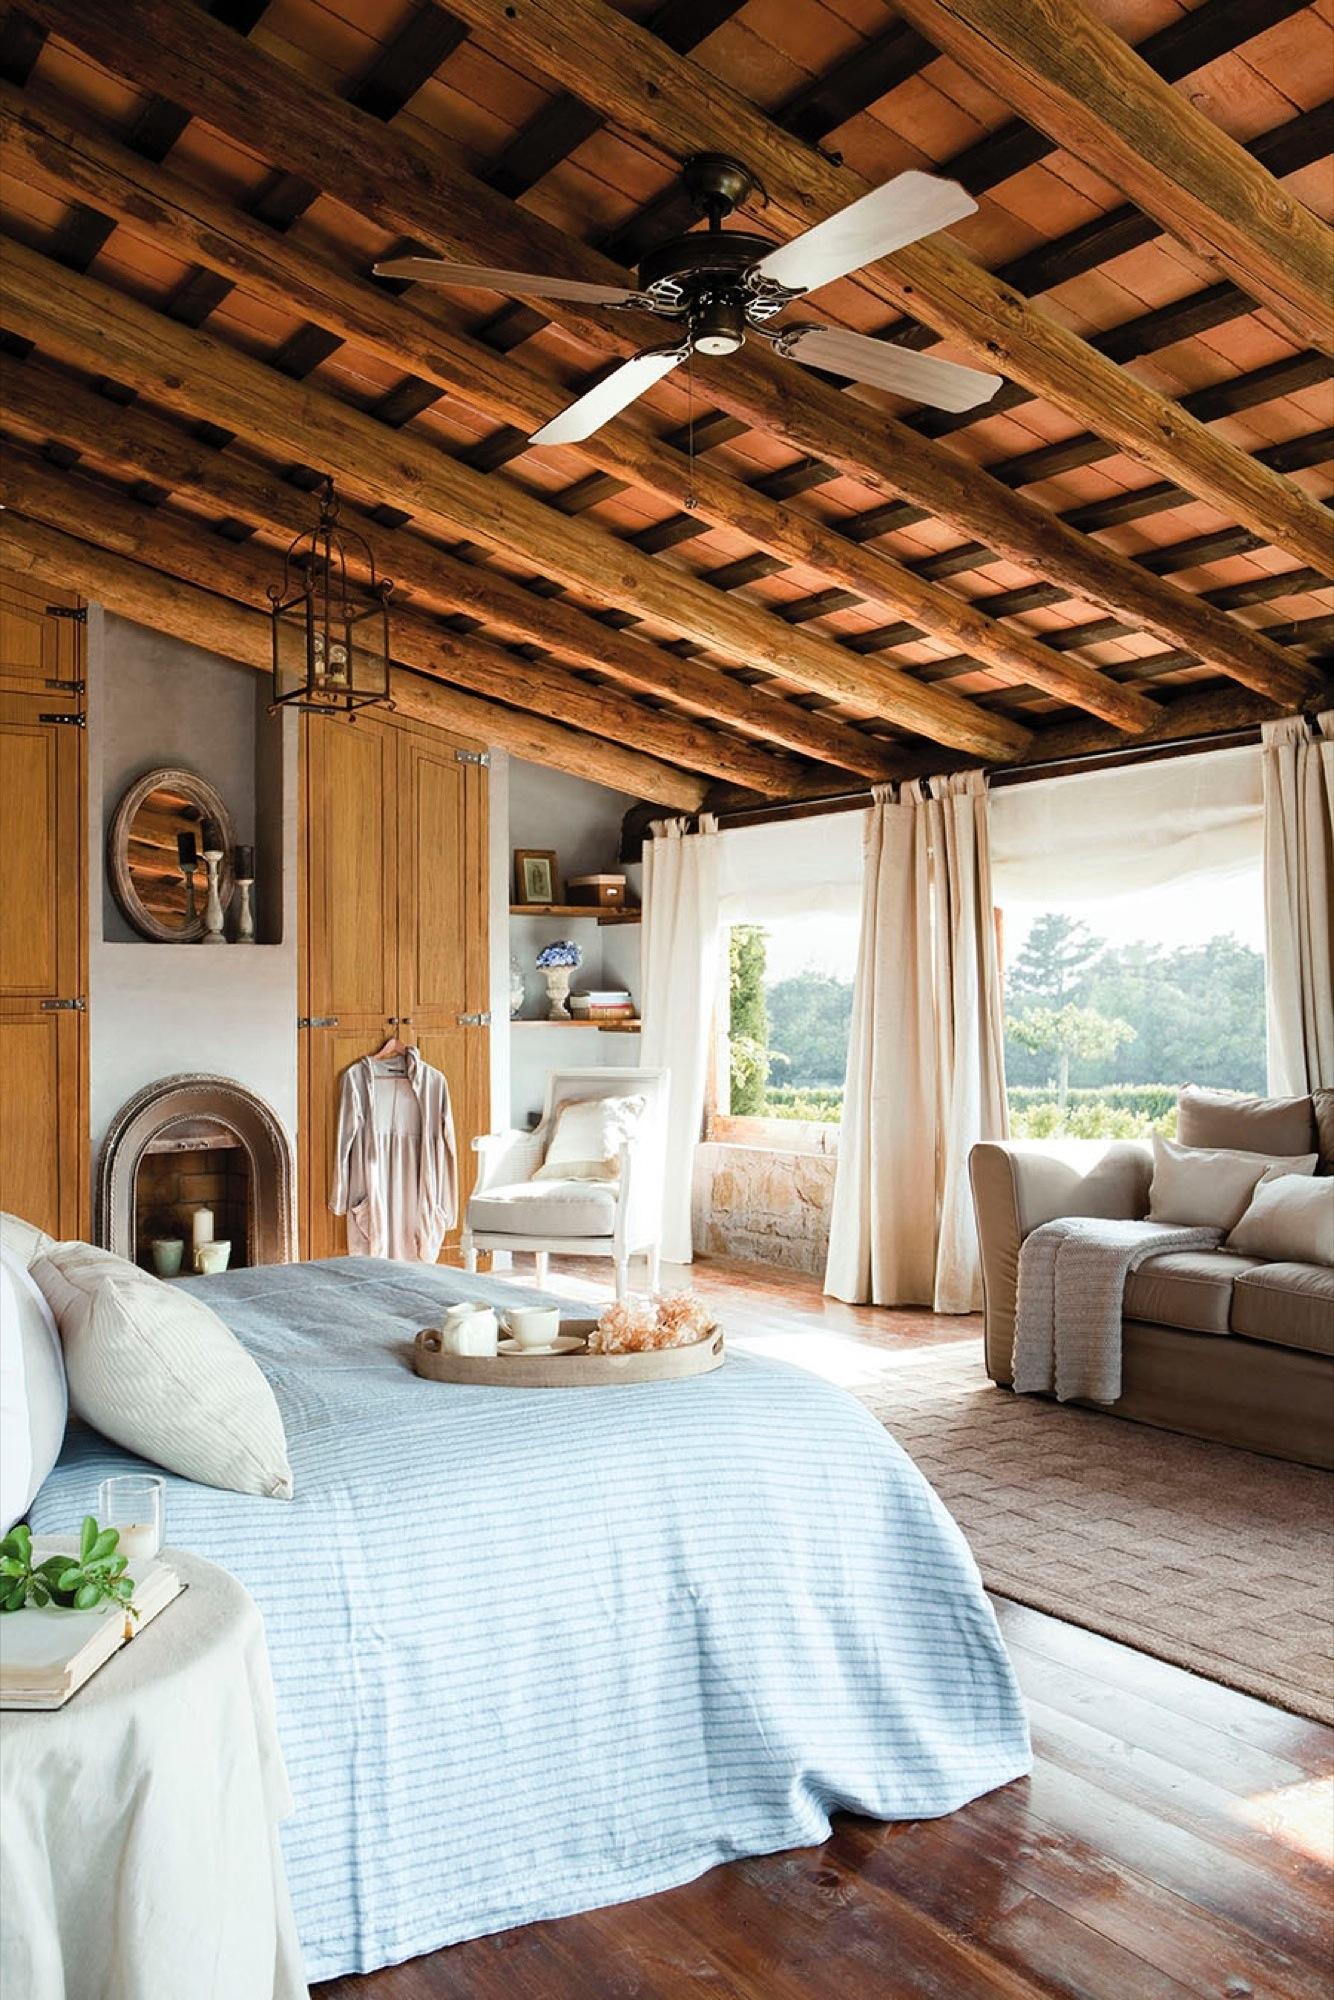 Dormitorios r sticos con mucho encanto for Modelo de dormitorio 2016